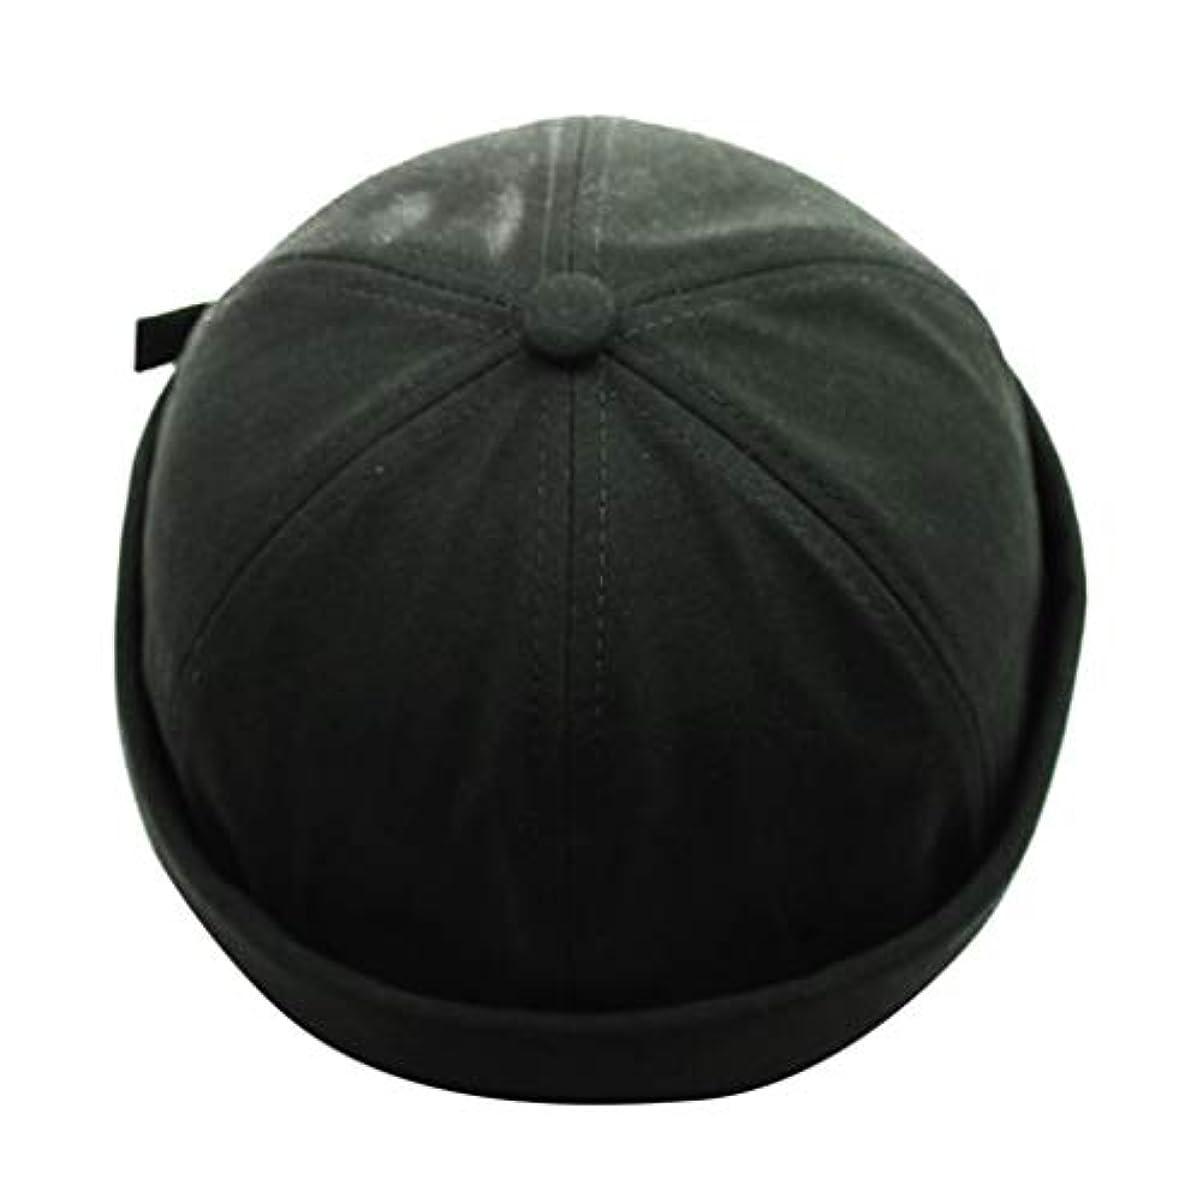 共和国ゴムインタフェースキャップ レディースメンズ 通気コットン100% ベレー帽 カジュアルリサイズ春夏サンシェード野球帽 (グリーン)